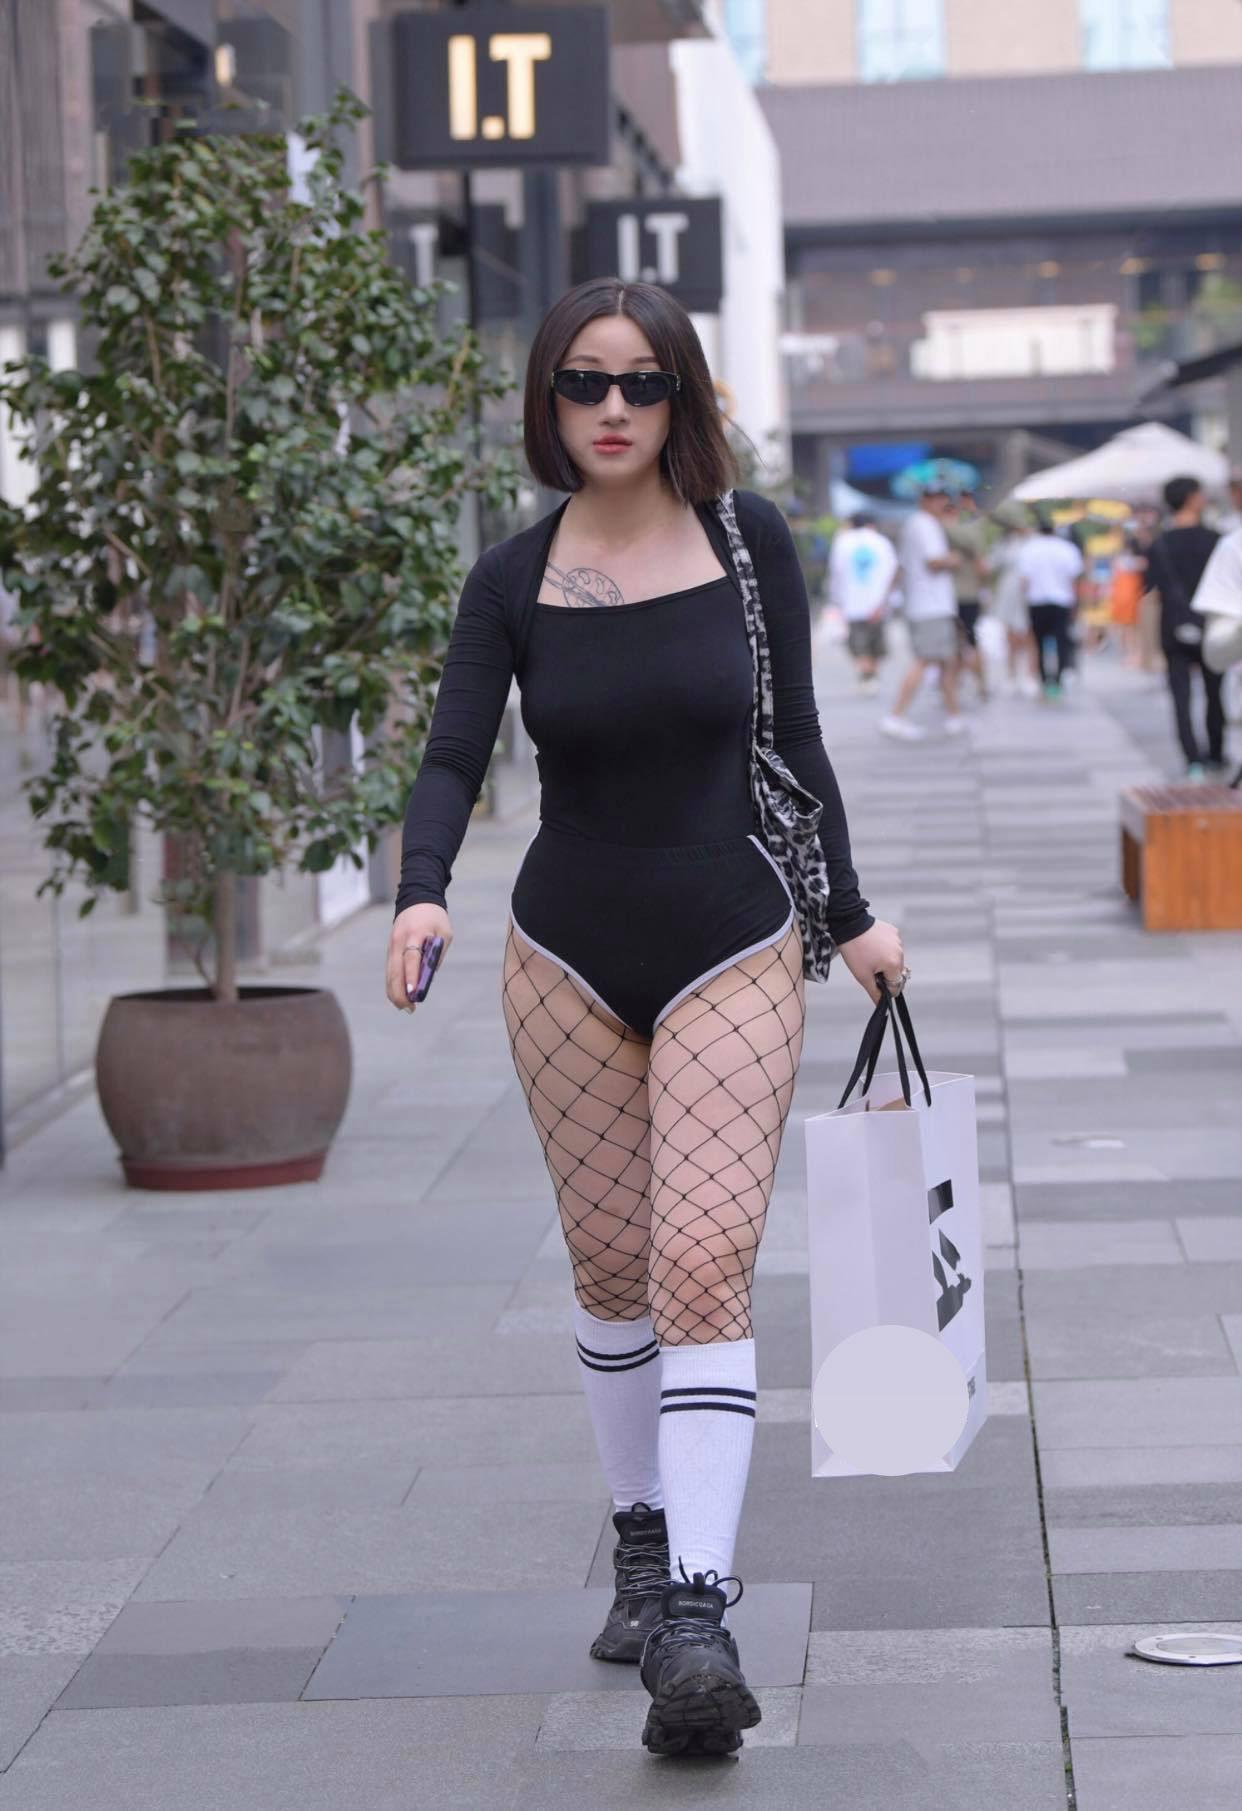 Gu mặc lạc quẻ khó hiểu của hot girl đường phố - 1